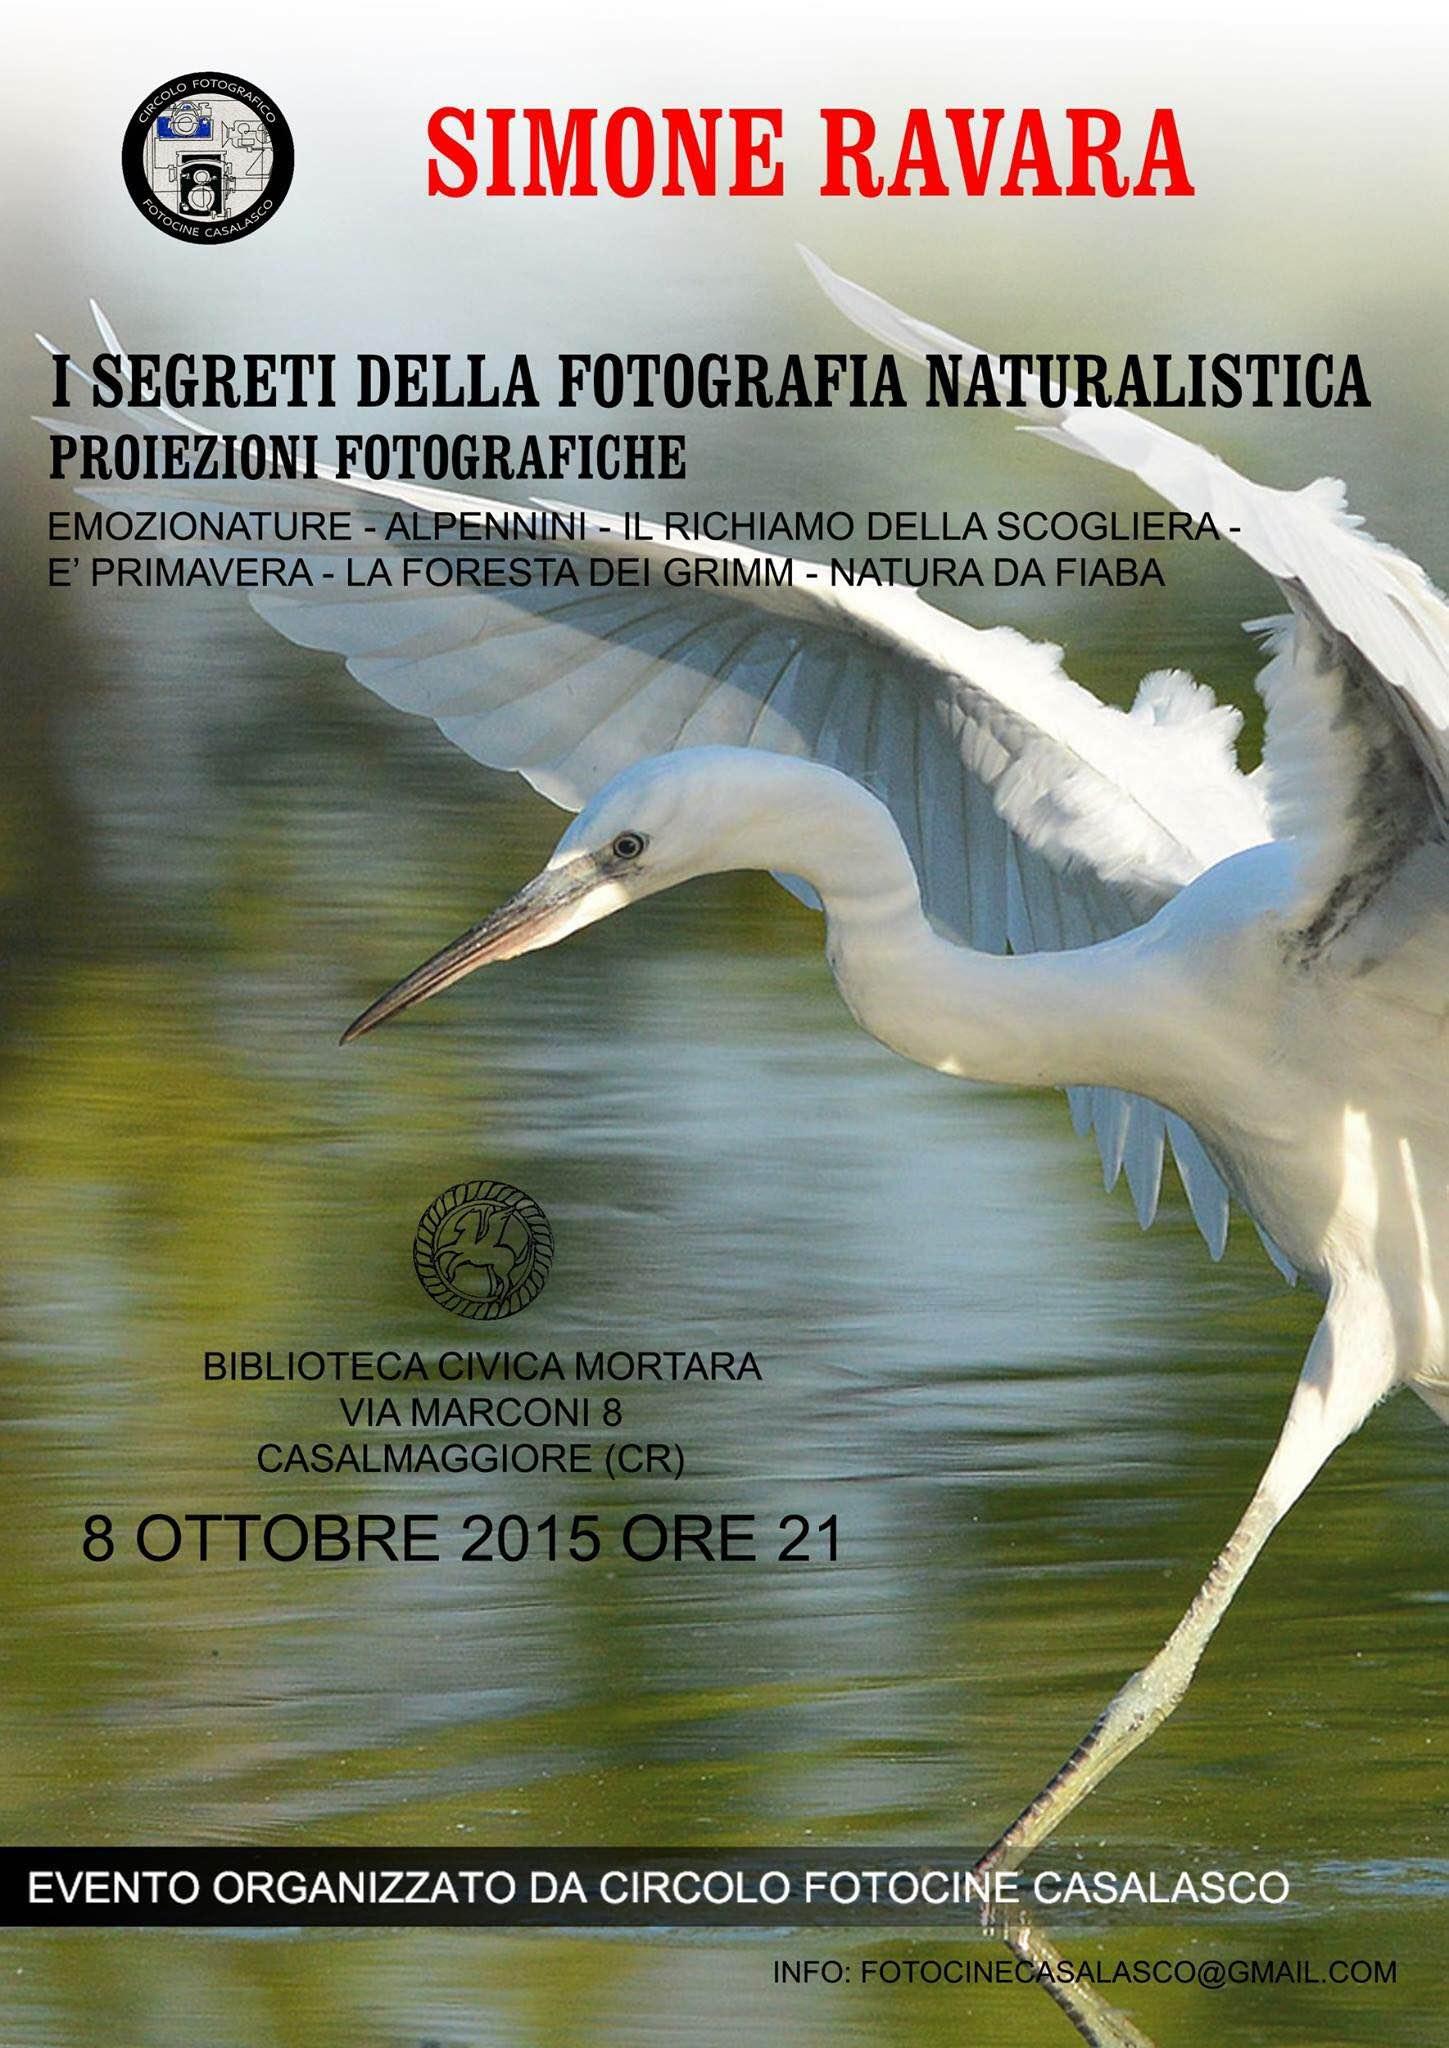 I SEGRETI DELLA FOTOGRAFIA NATURALISTICA